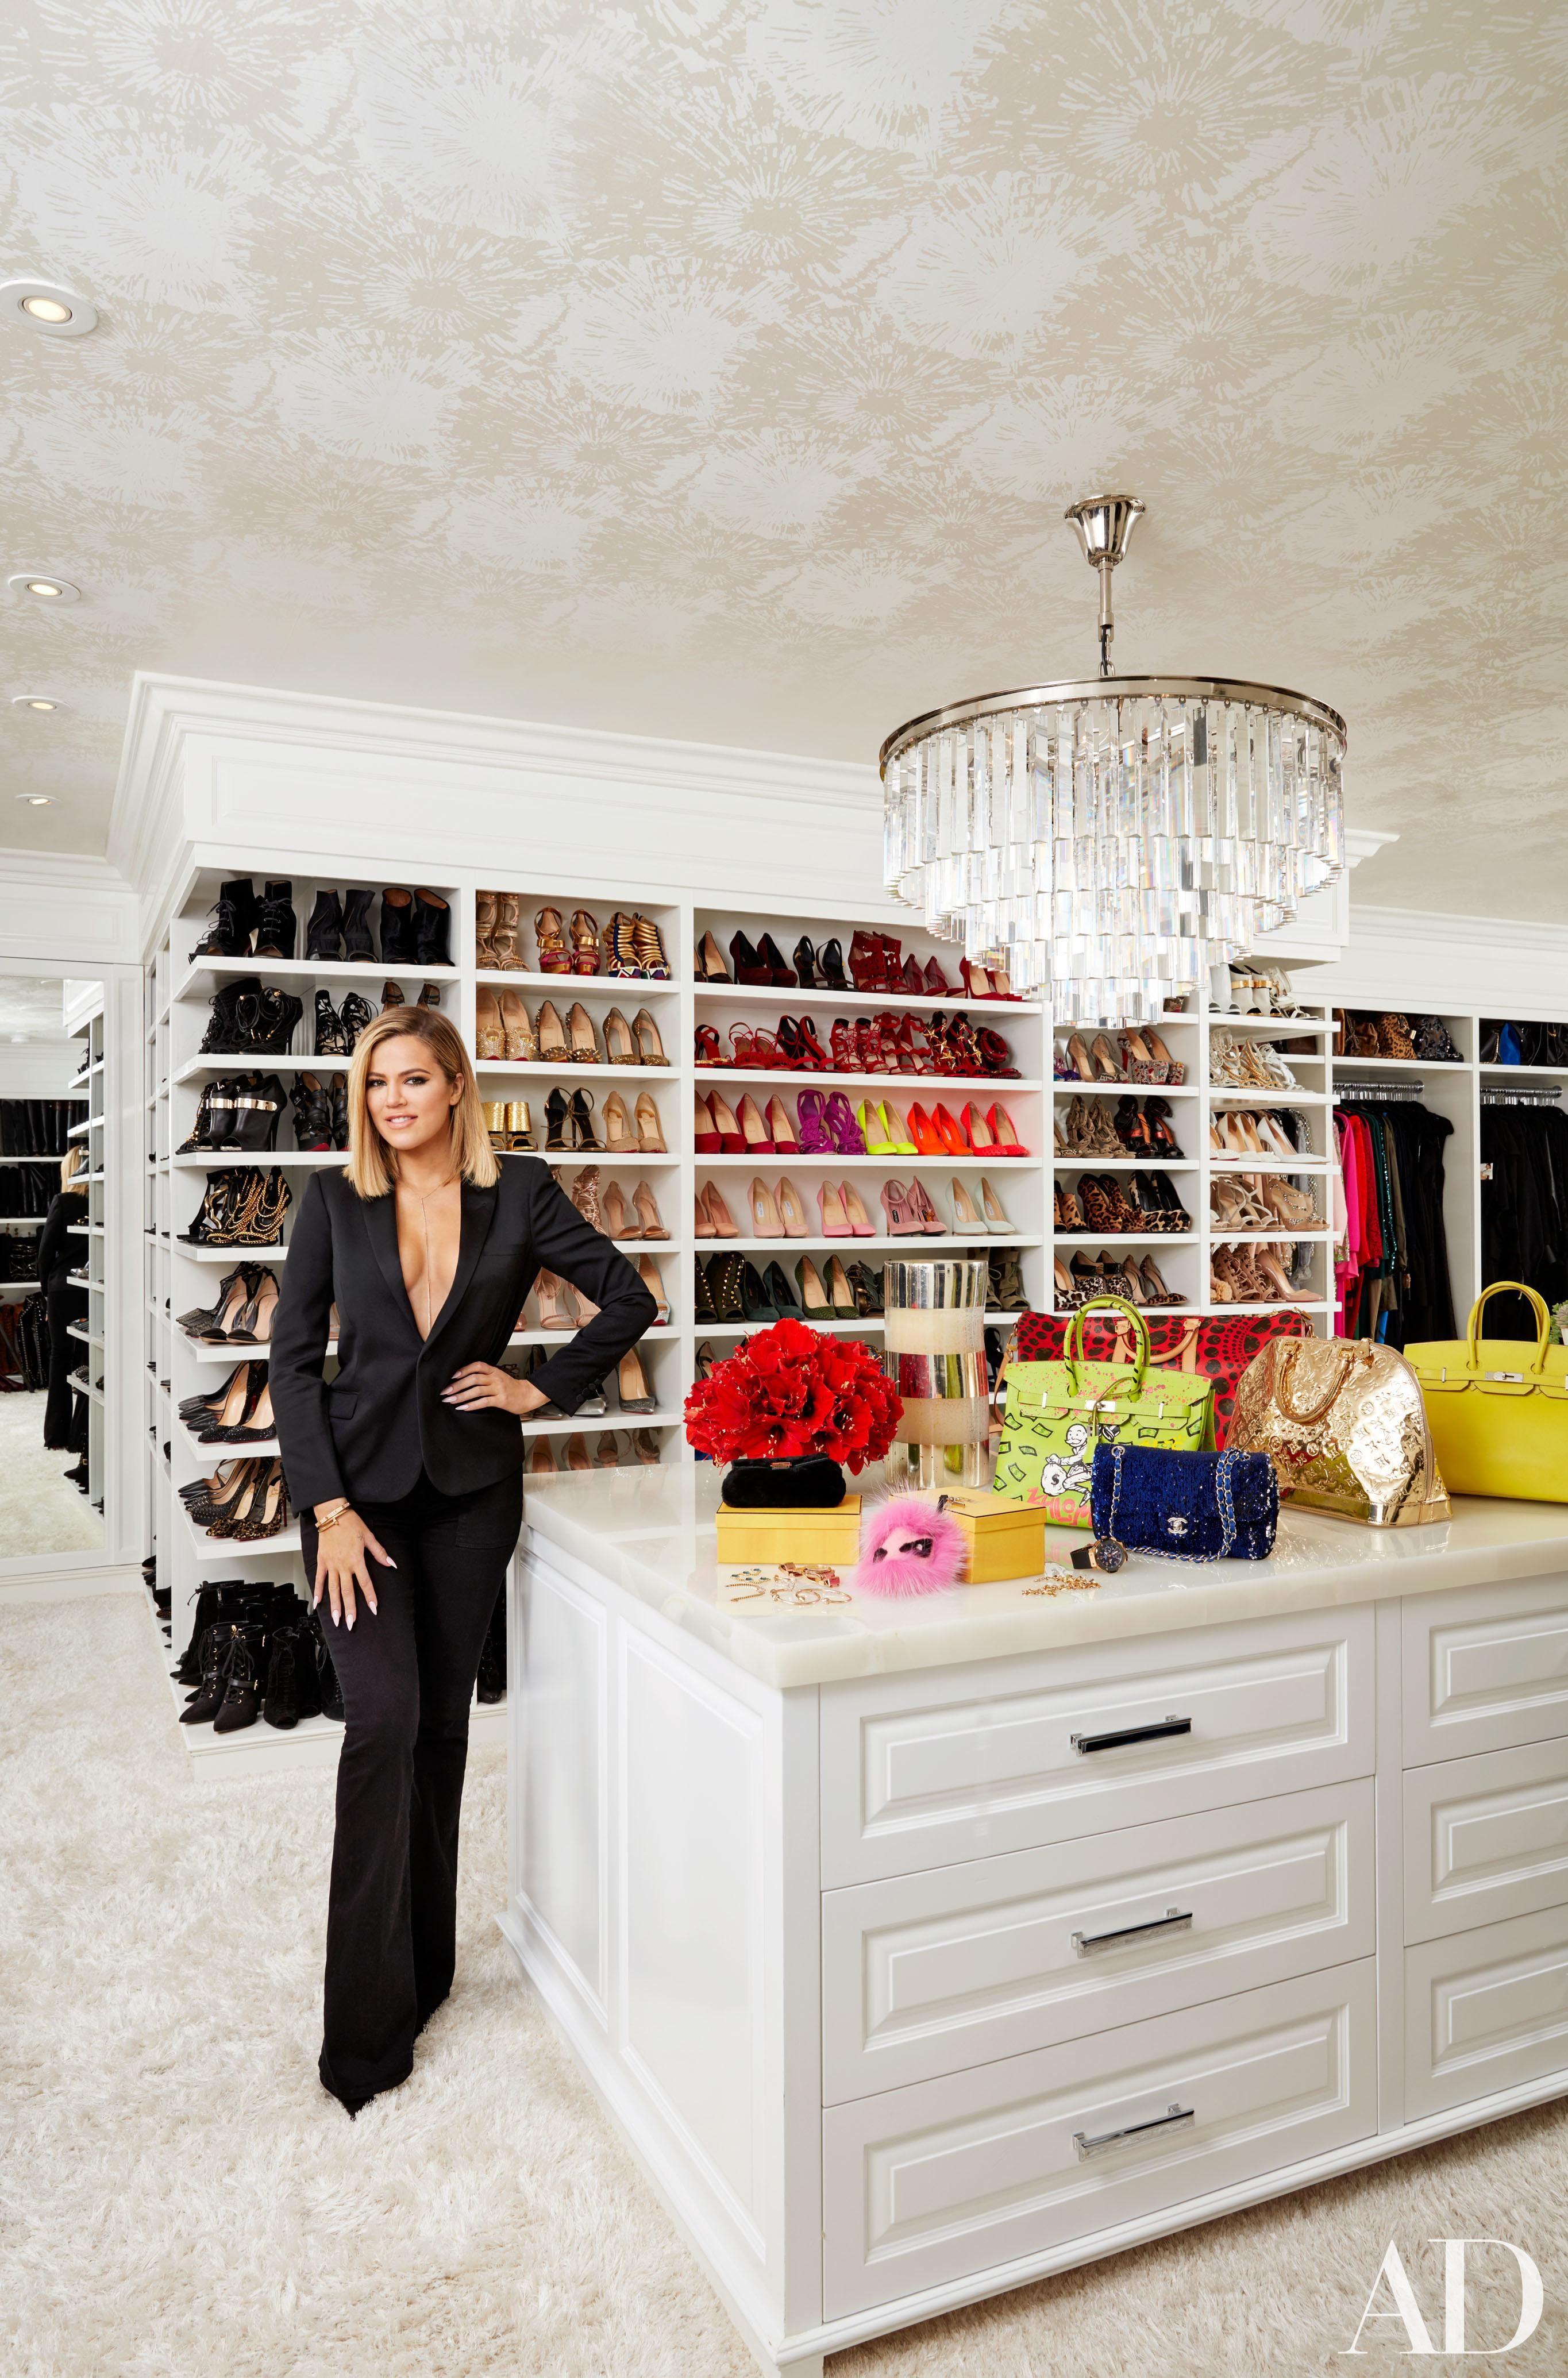 10 Design Ideas We Love From Kourtney And Khloe Kardashian S Calabasas Homes Closet Designs Closet Design Closet Inspiration